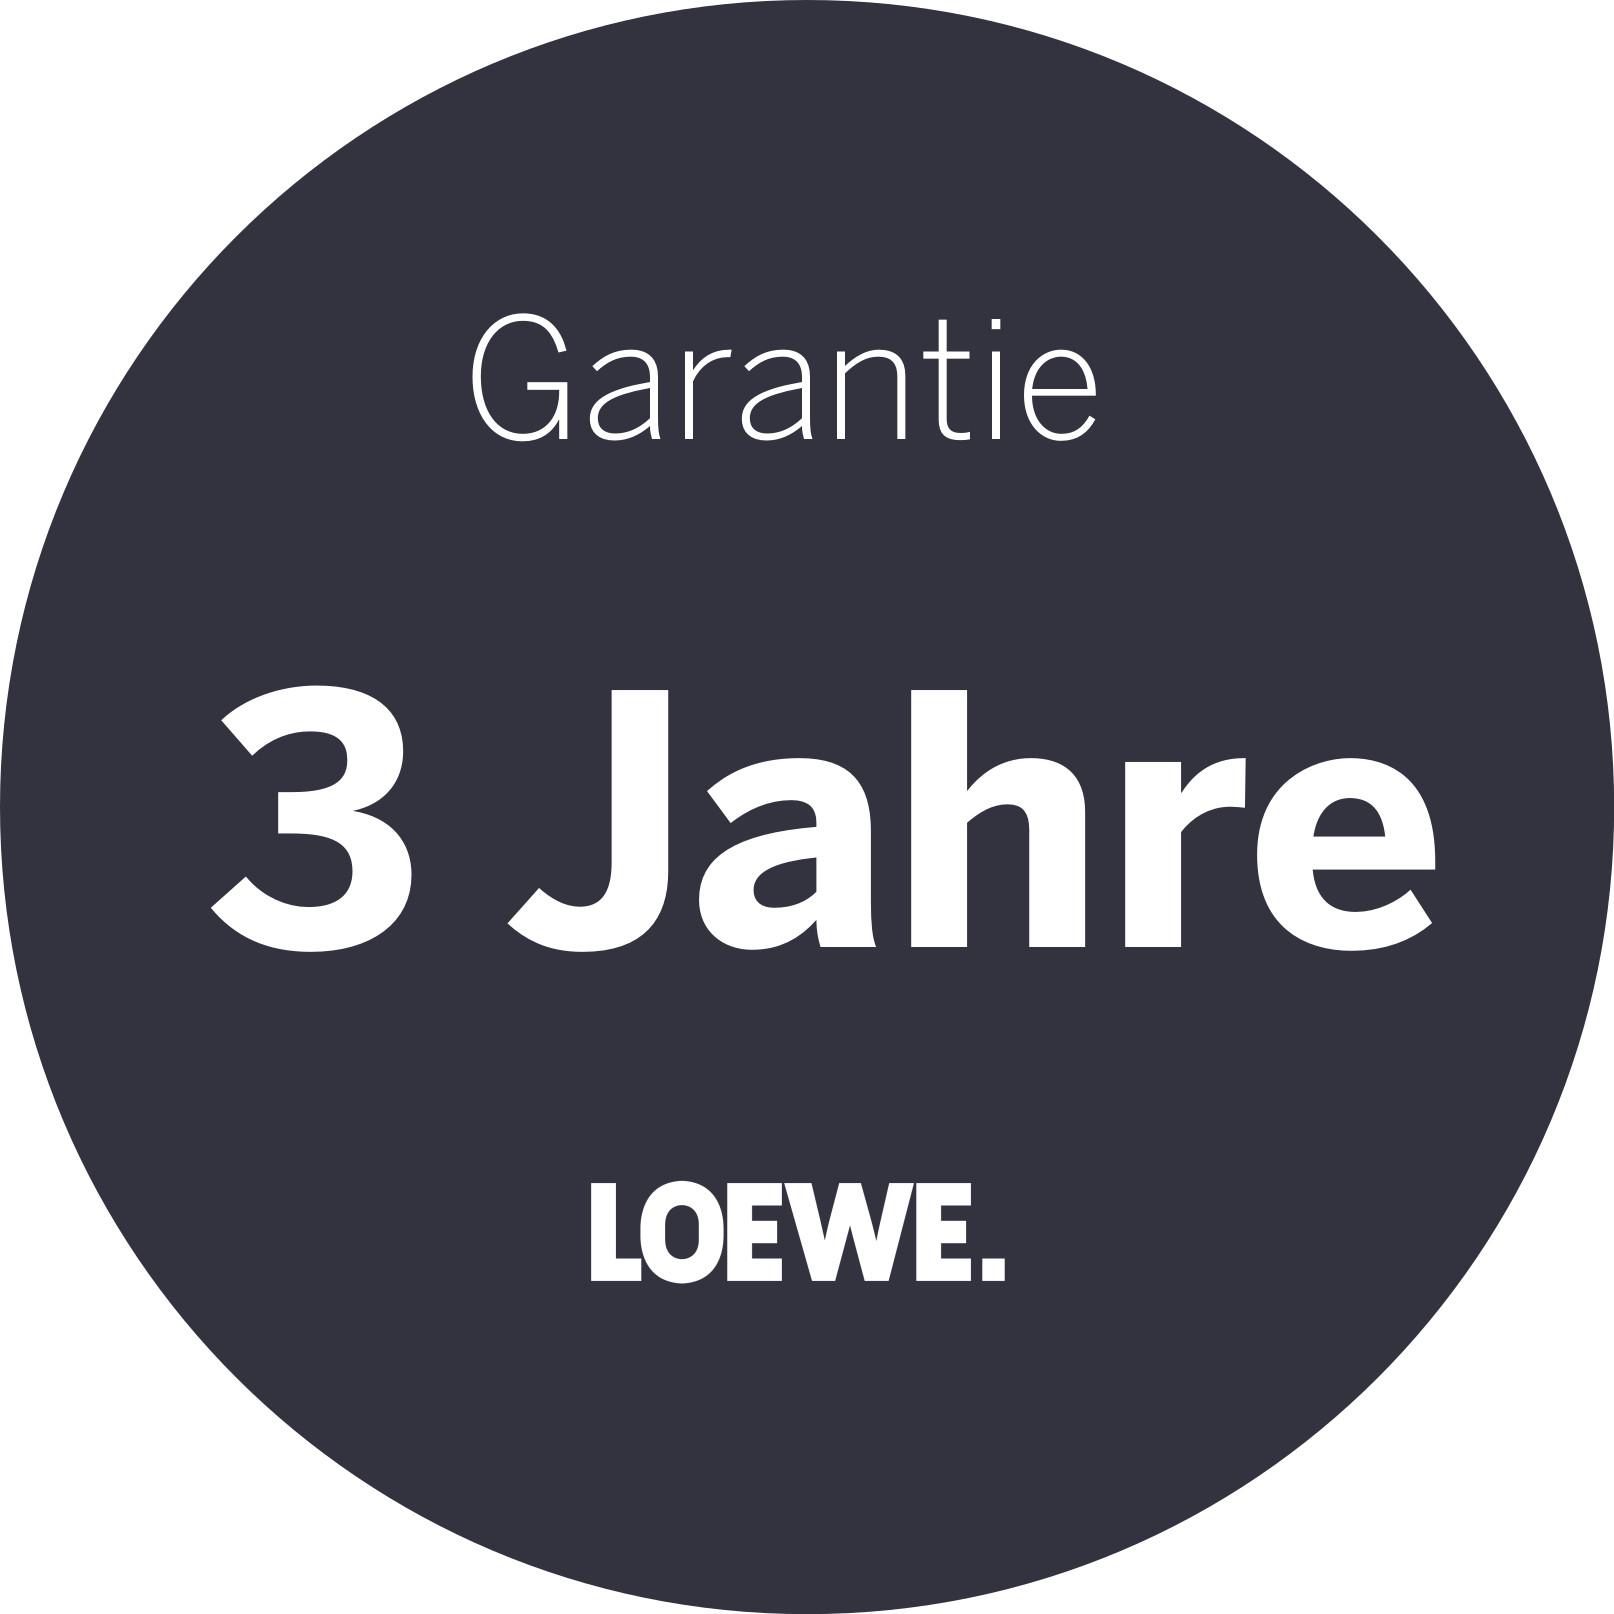 Loewe Garantie-Promotion